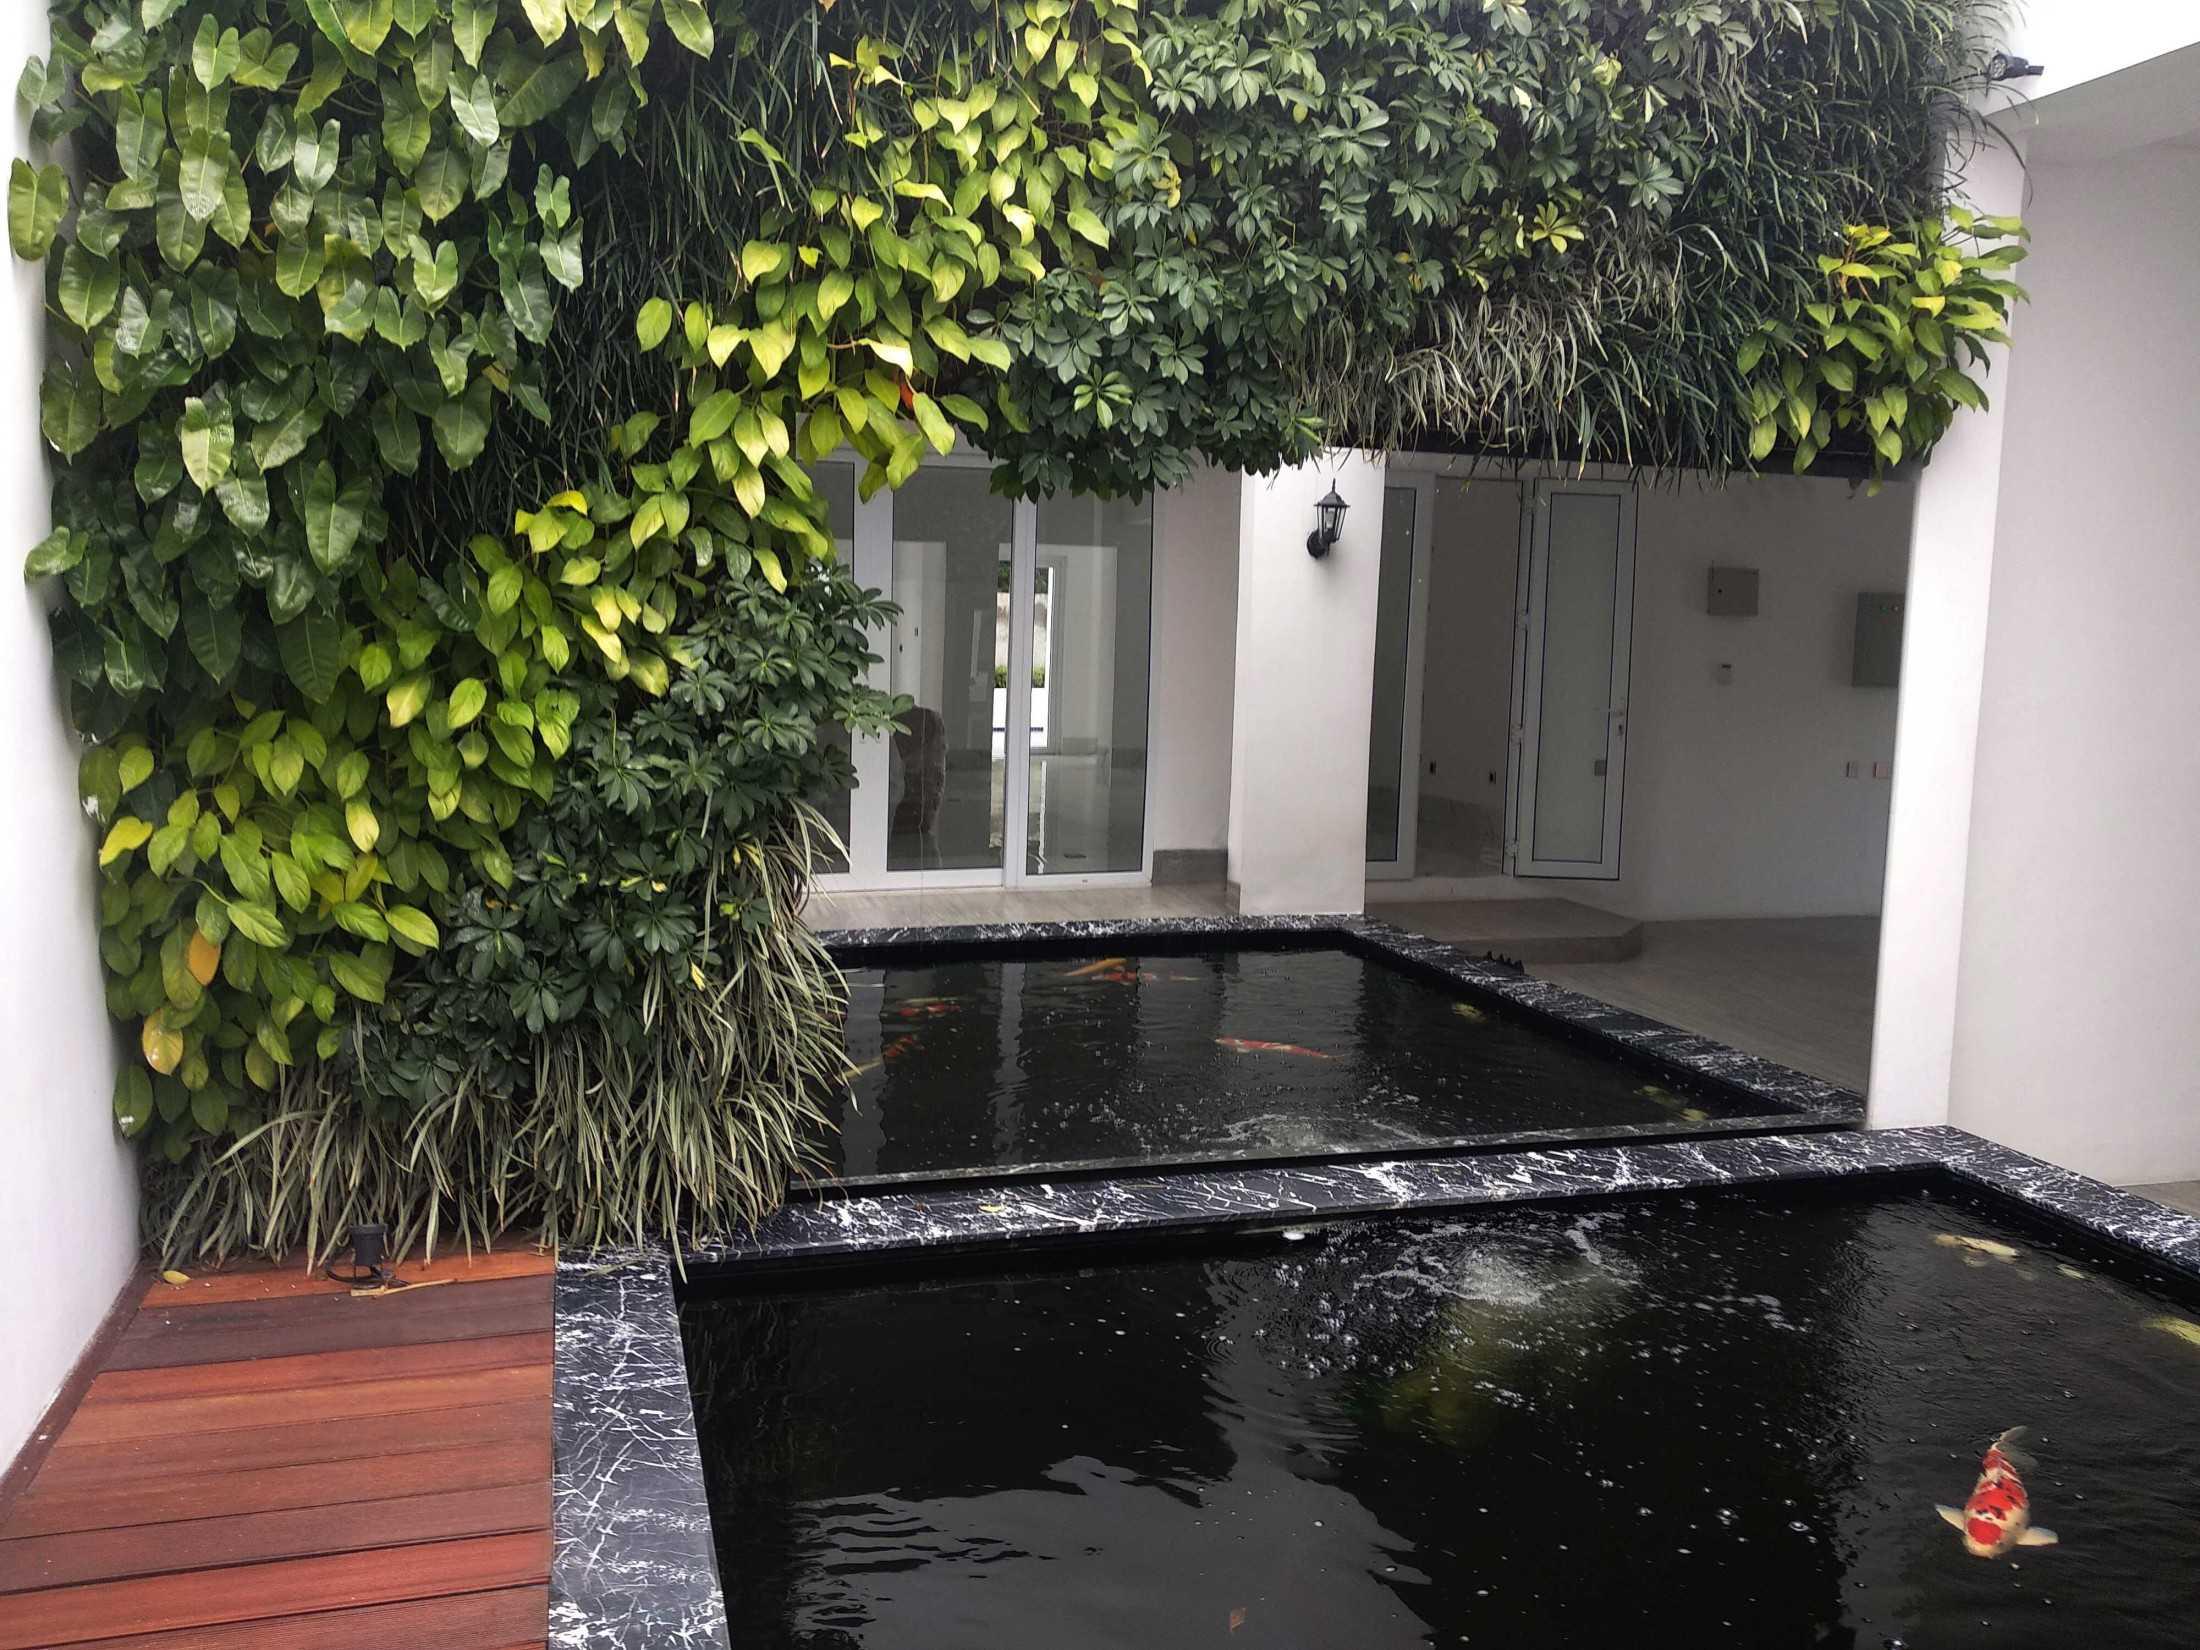 Arkitekt.id Setraduta Kencana Bandung Bandung Sk - Pond  69591